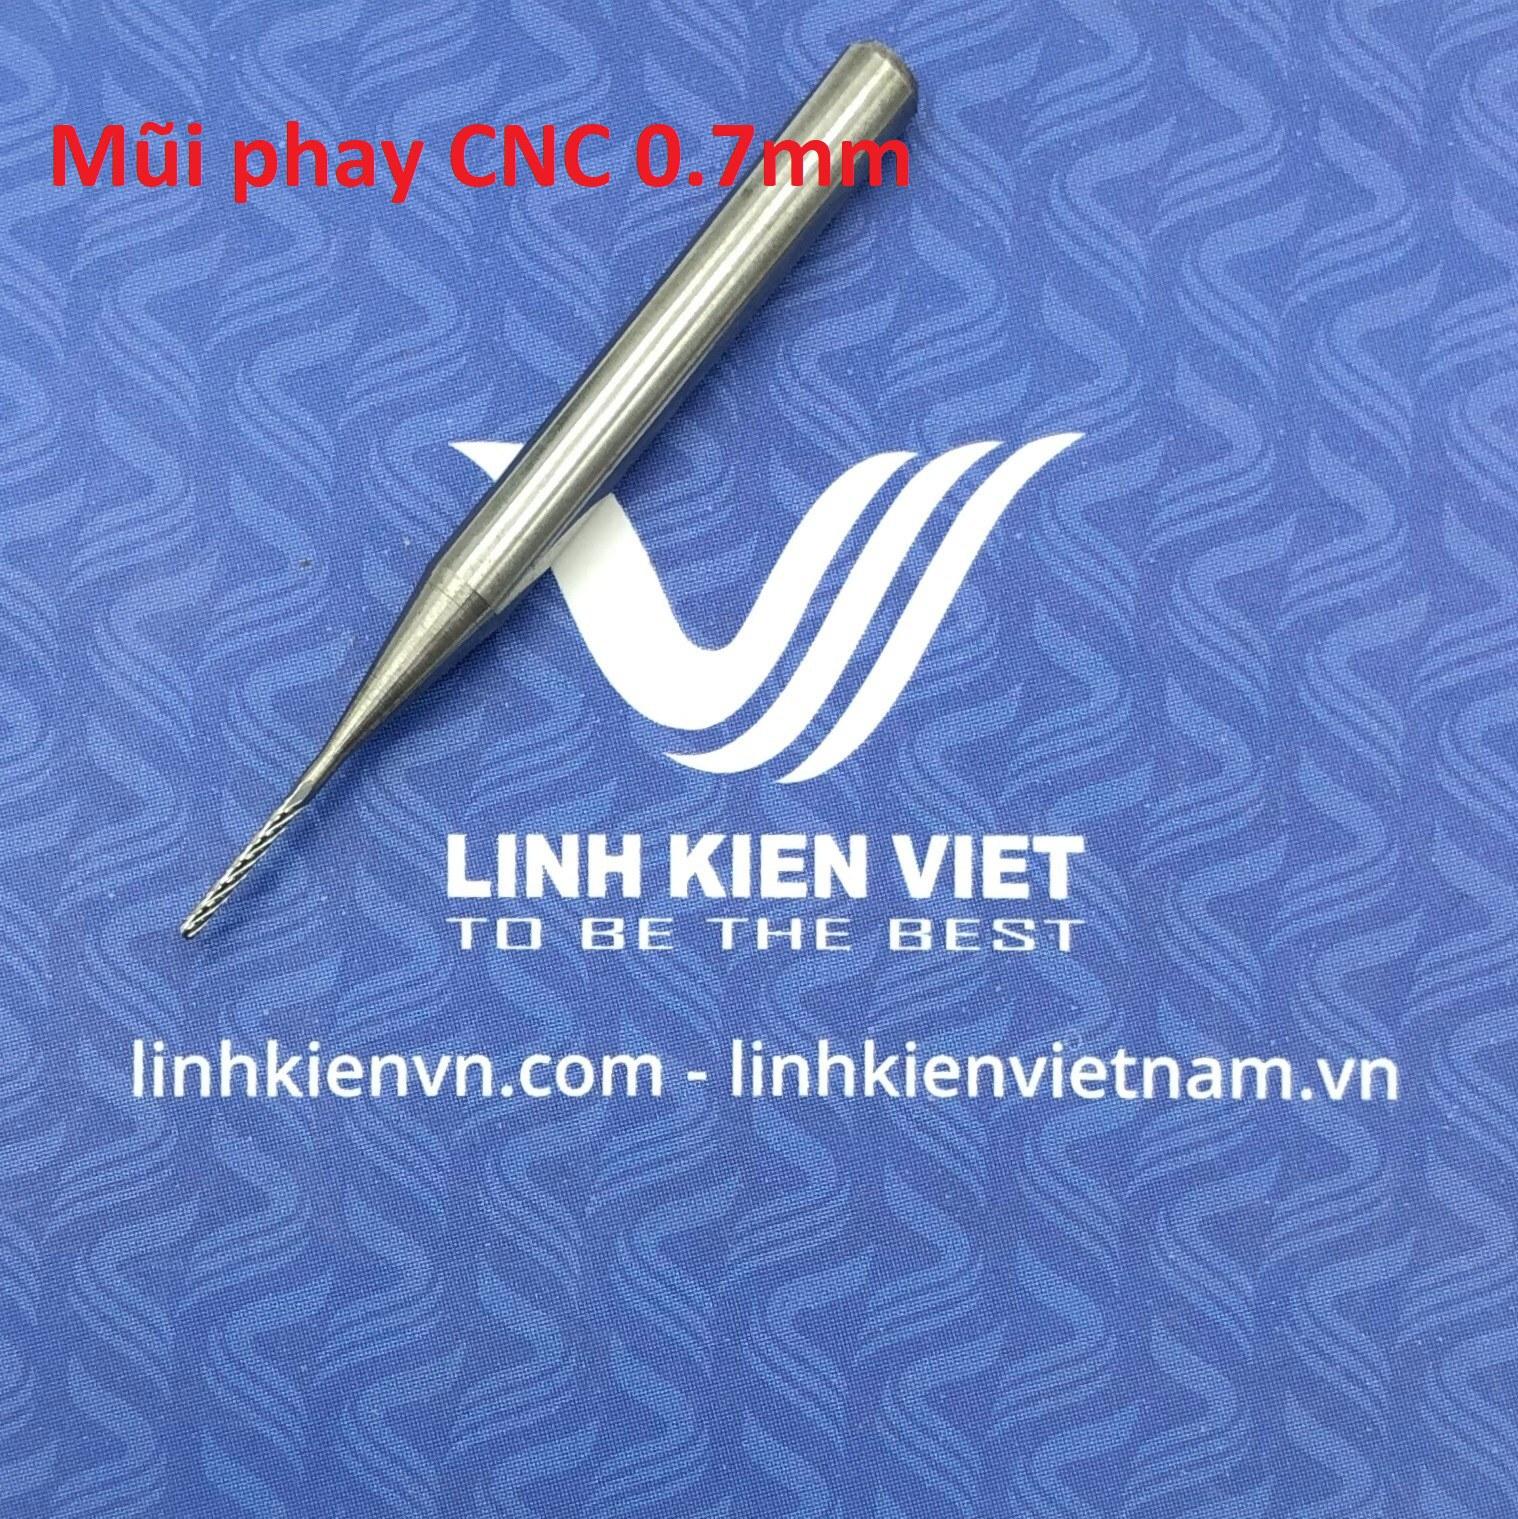 Mũi phay CNC 0.7mm - S2H22